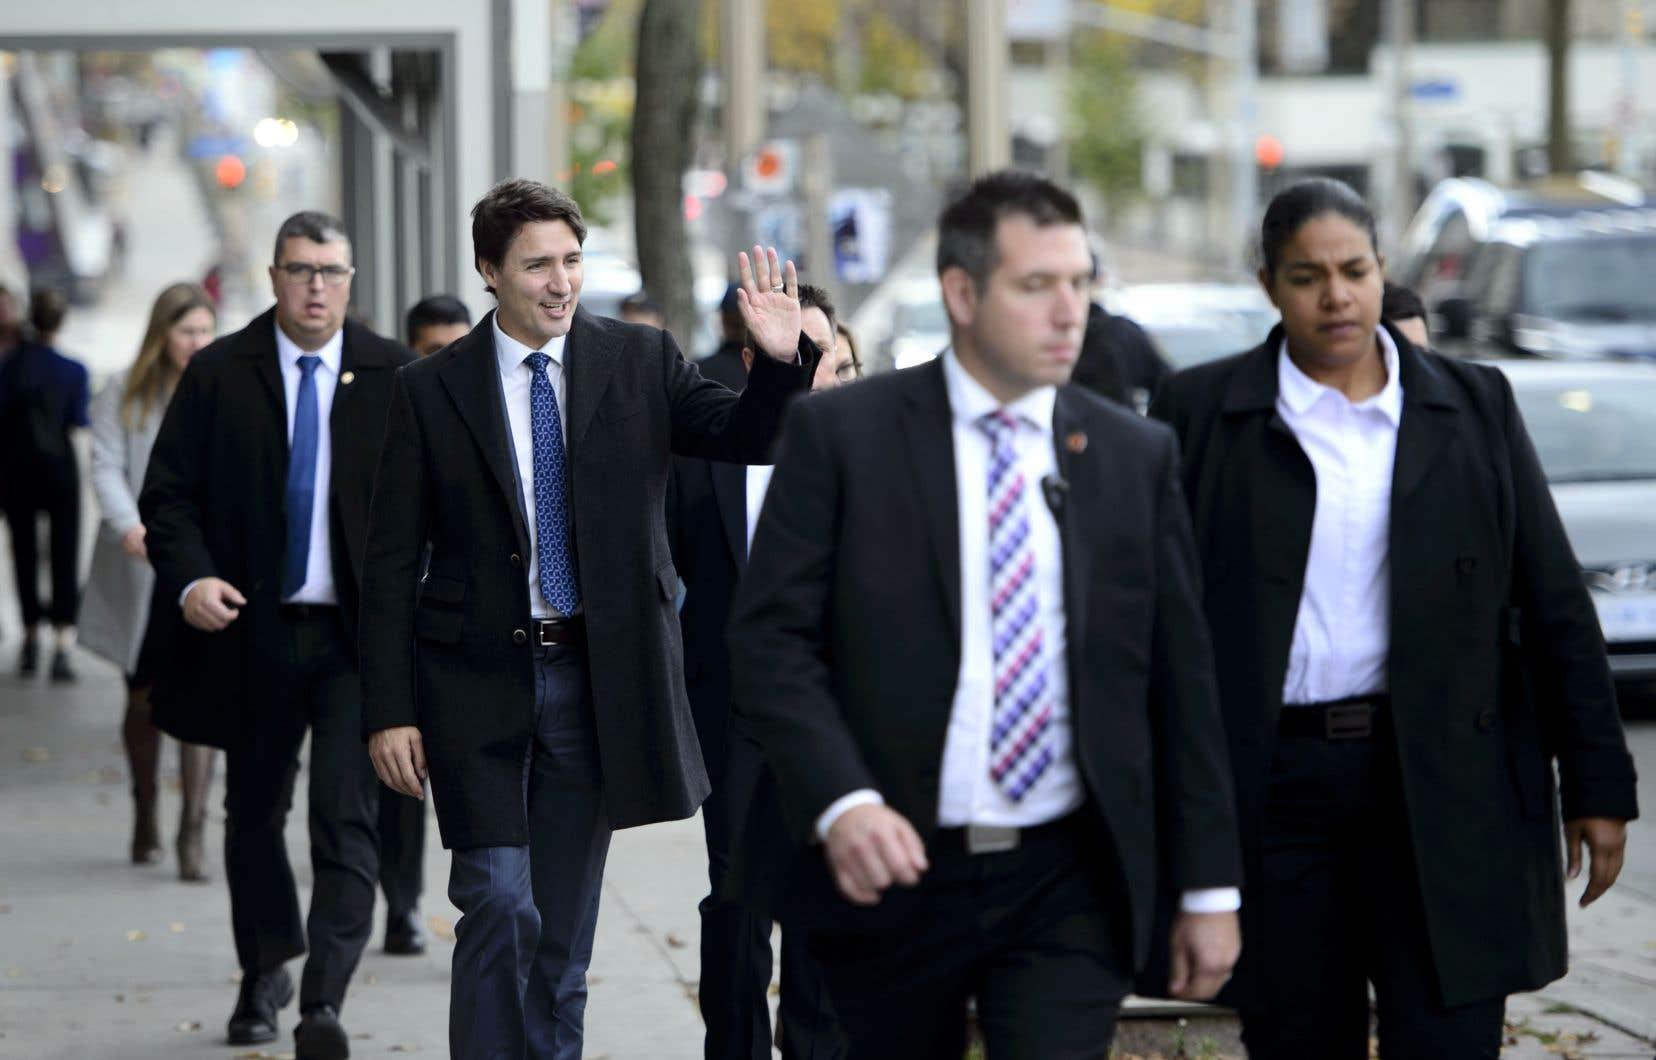 Justin Trudeau, accompagné de ses gardes du corps, s'est rendu à pied à la galerie de la presse.